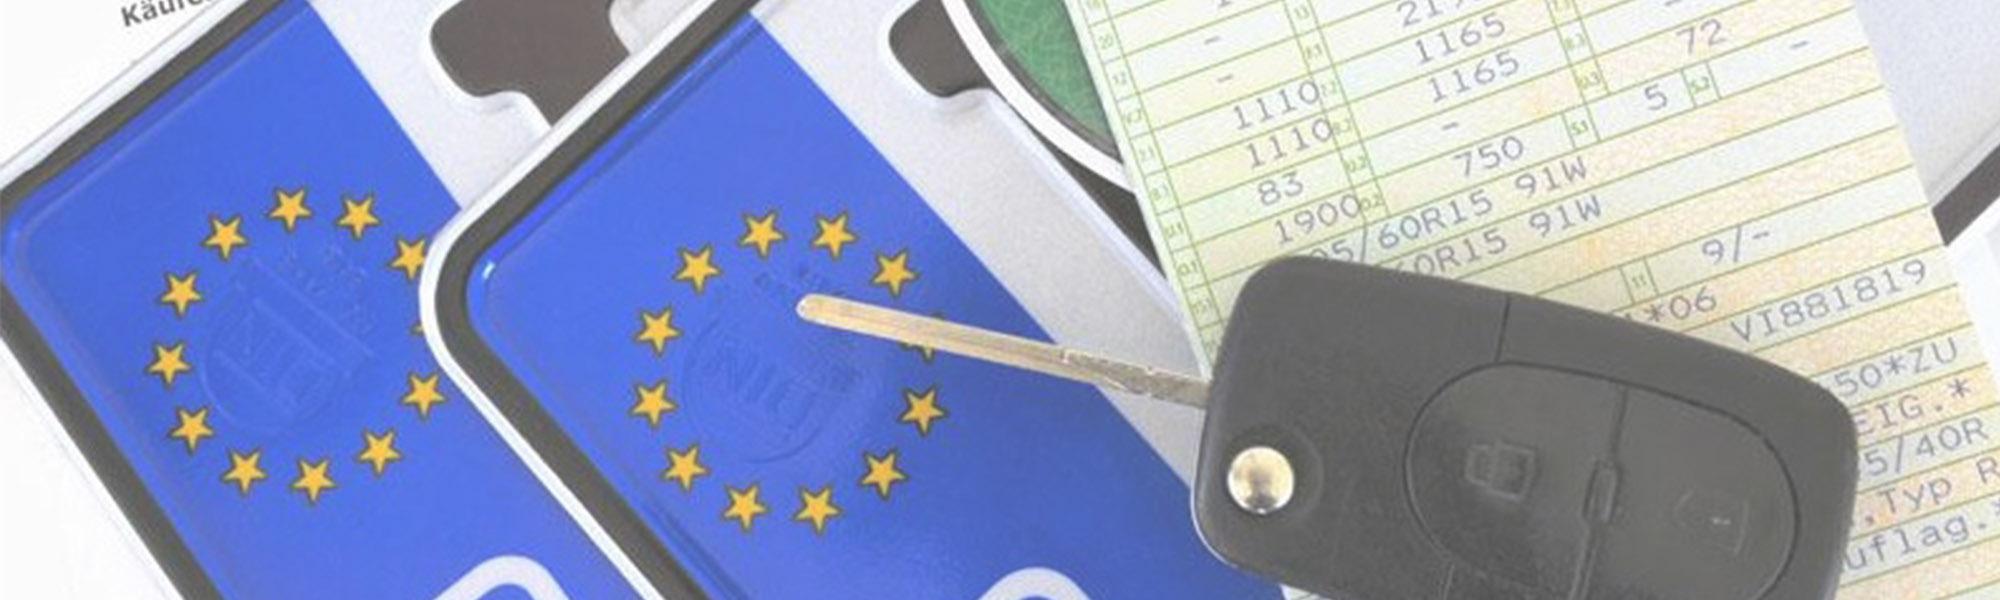 Änderungen 2021 / HU-Plakette & KFZ-Steuer